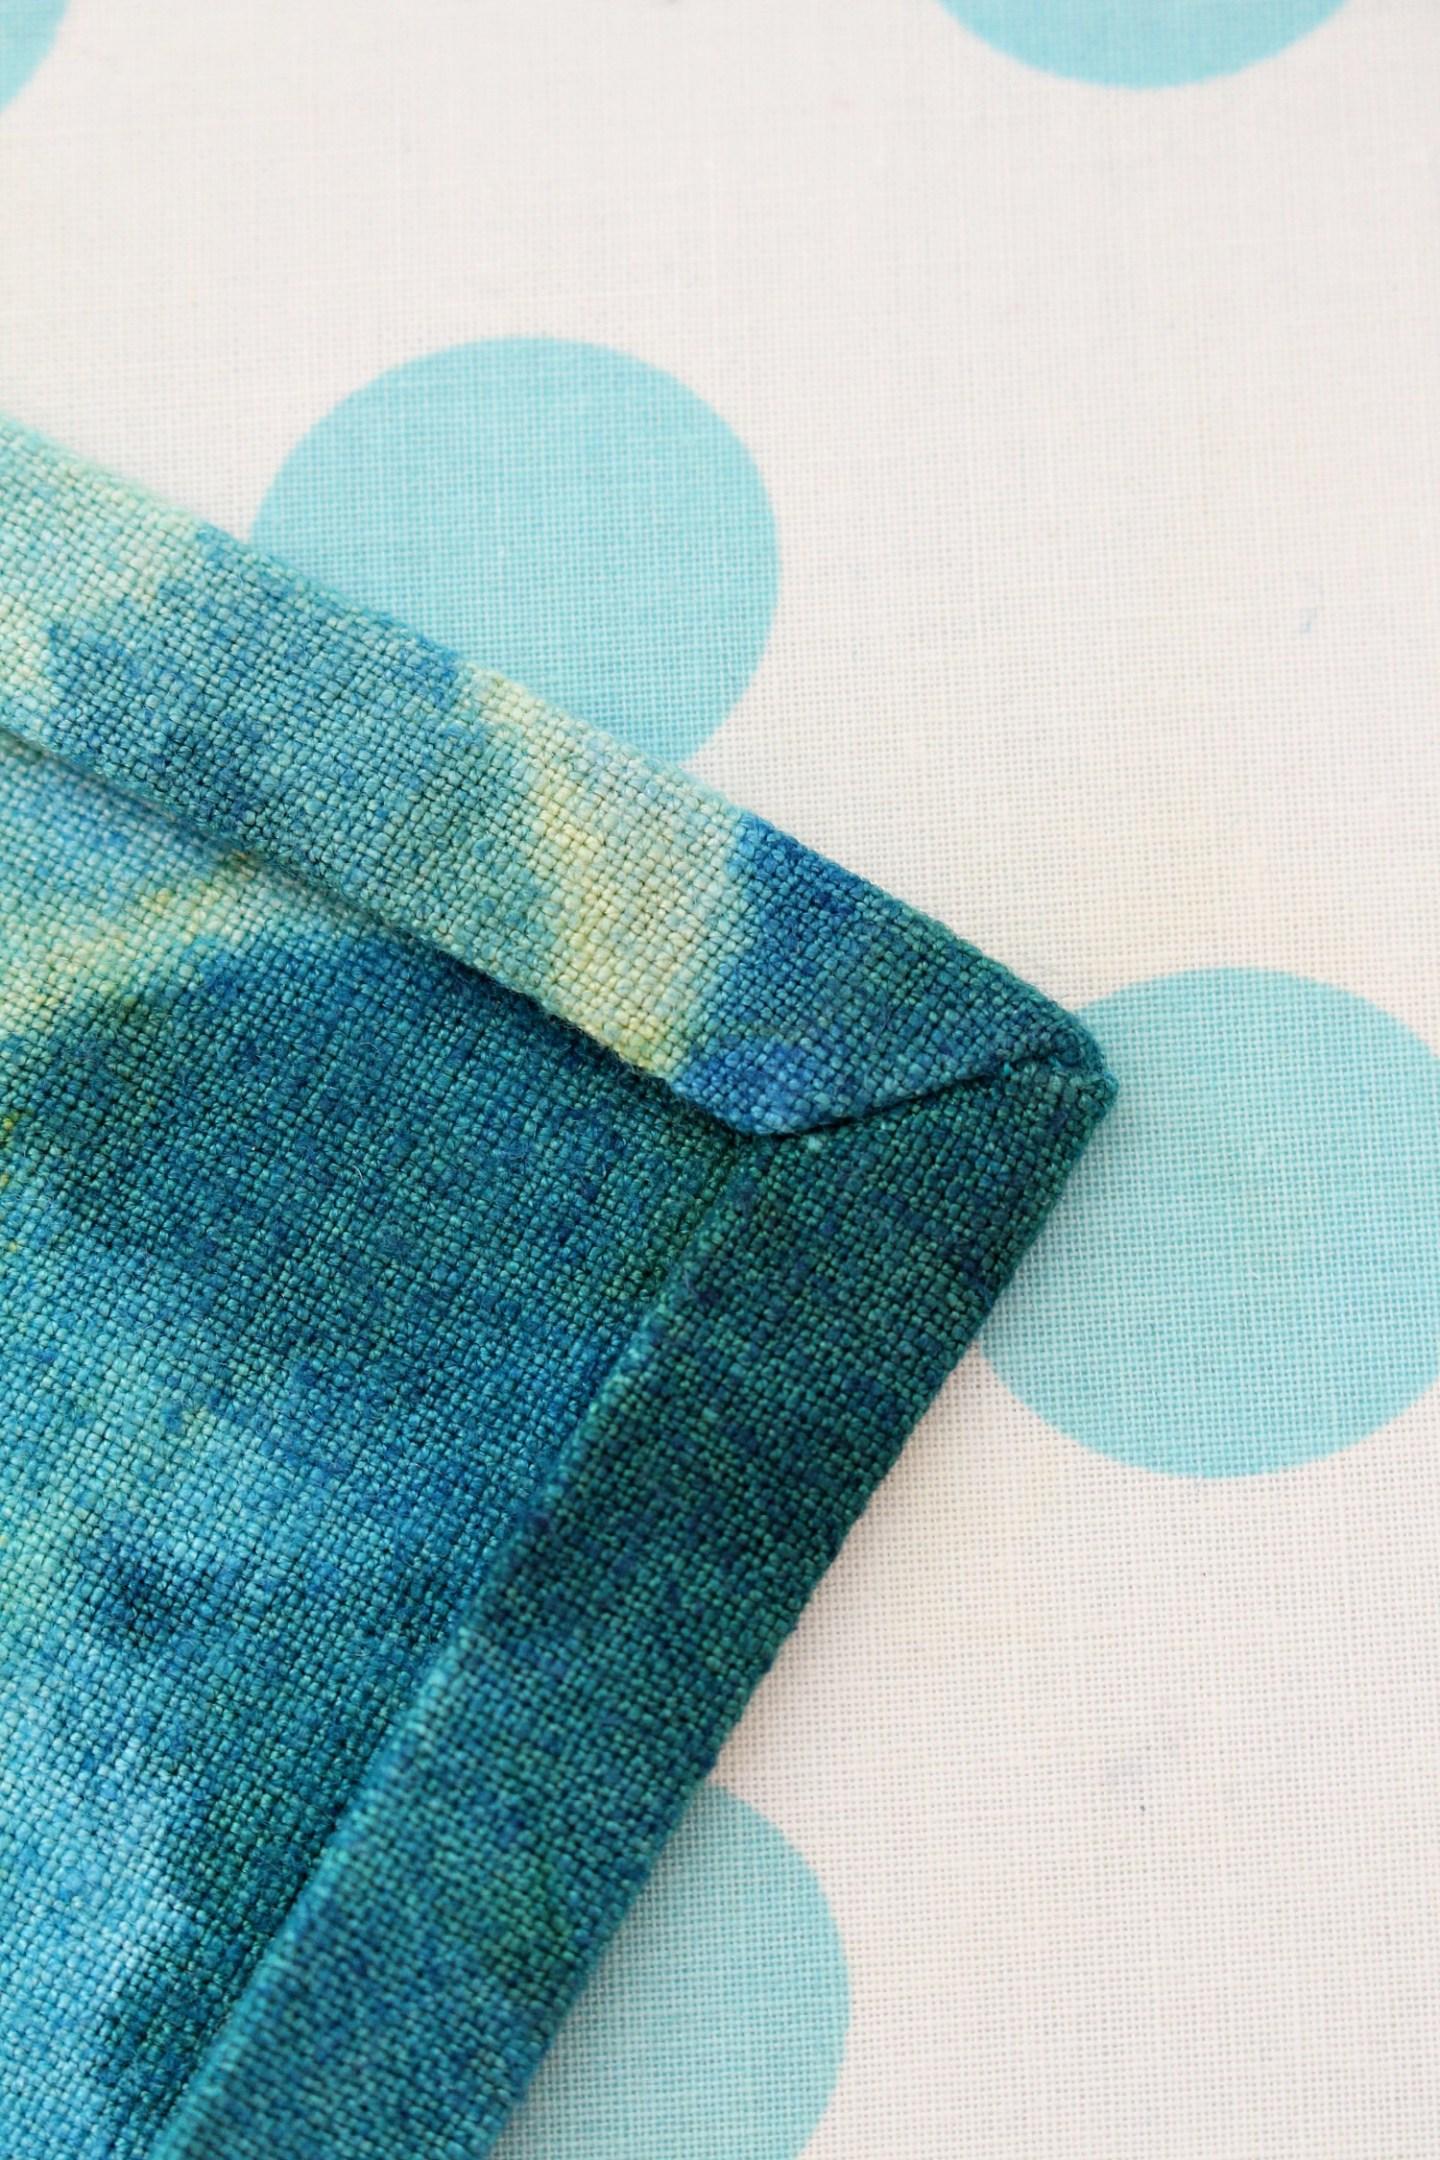 Easy DIY Tea Towel Sewing Tutorial